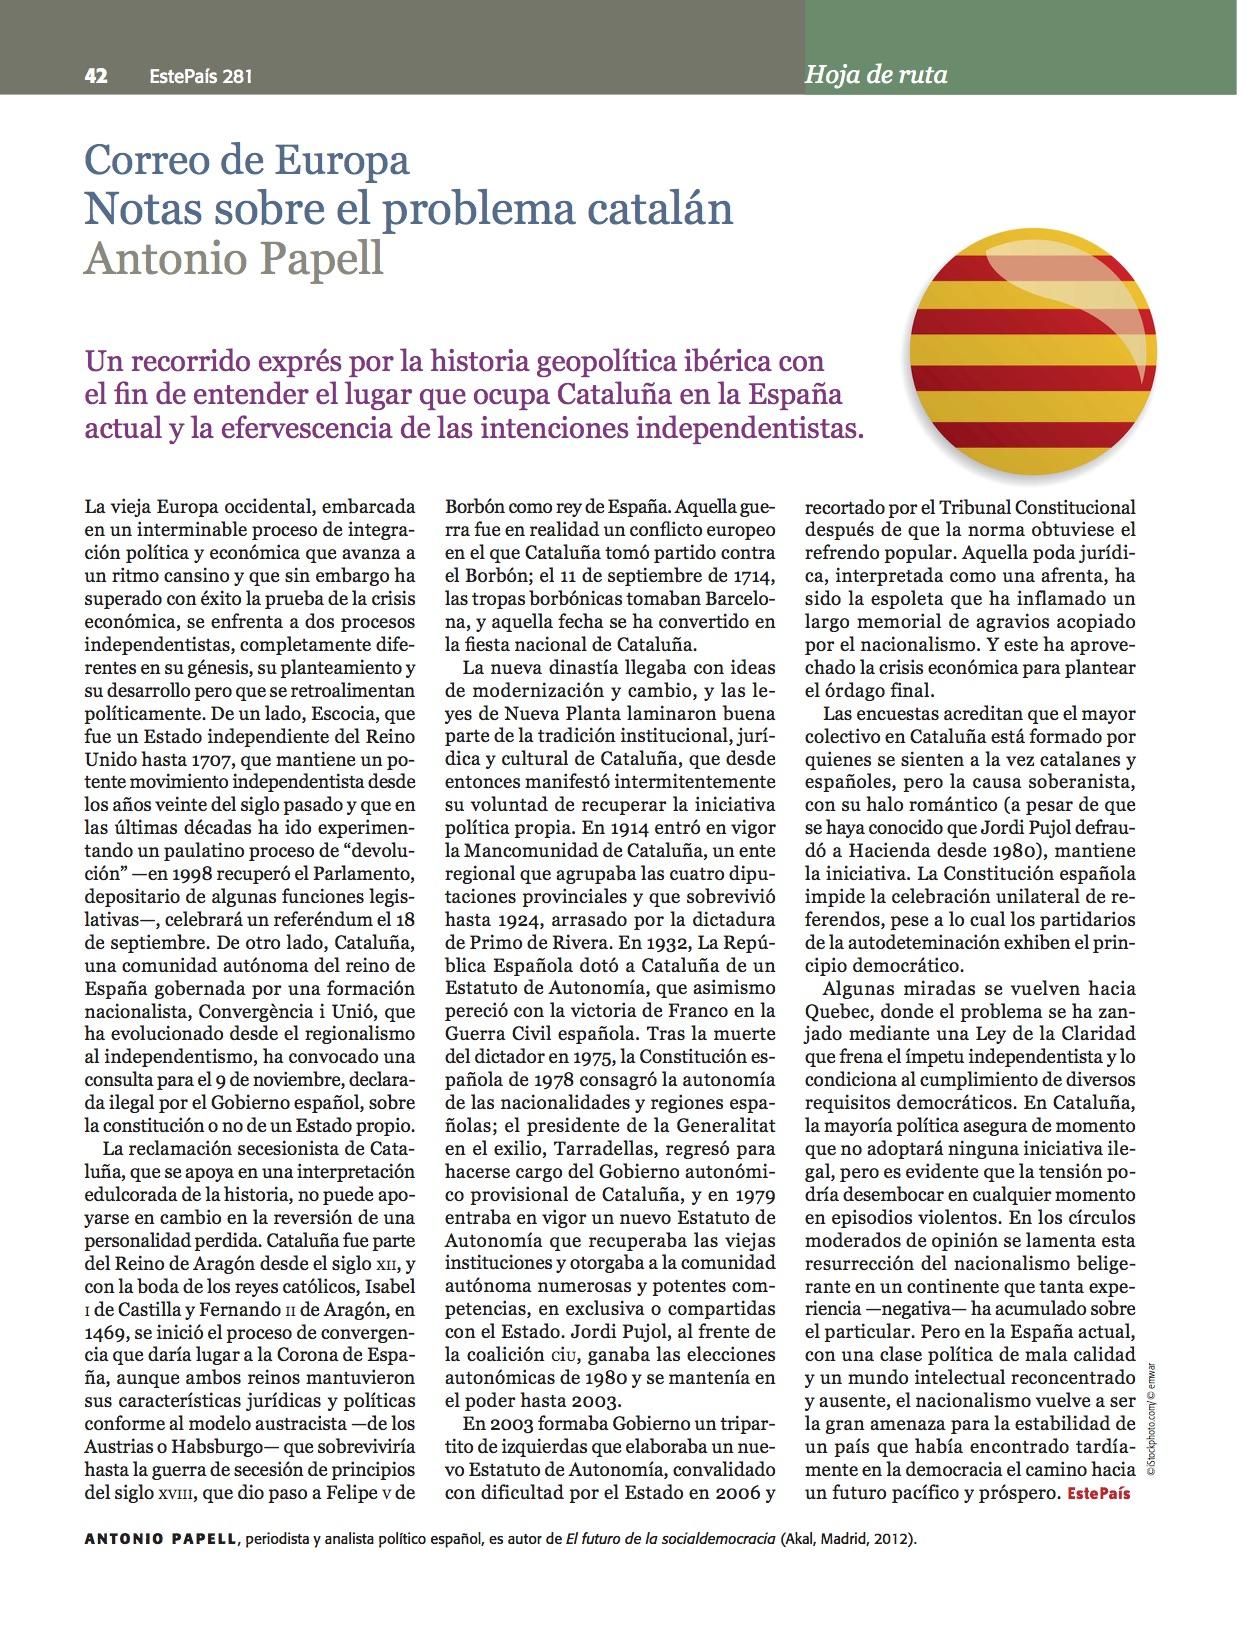 Notas sobre el problema catalán